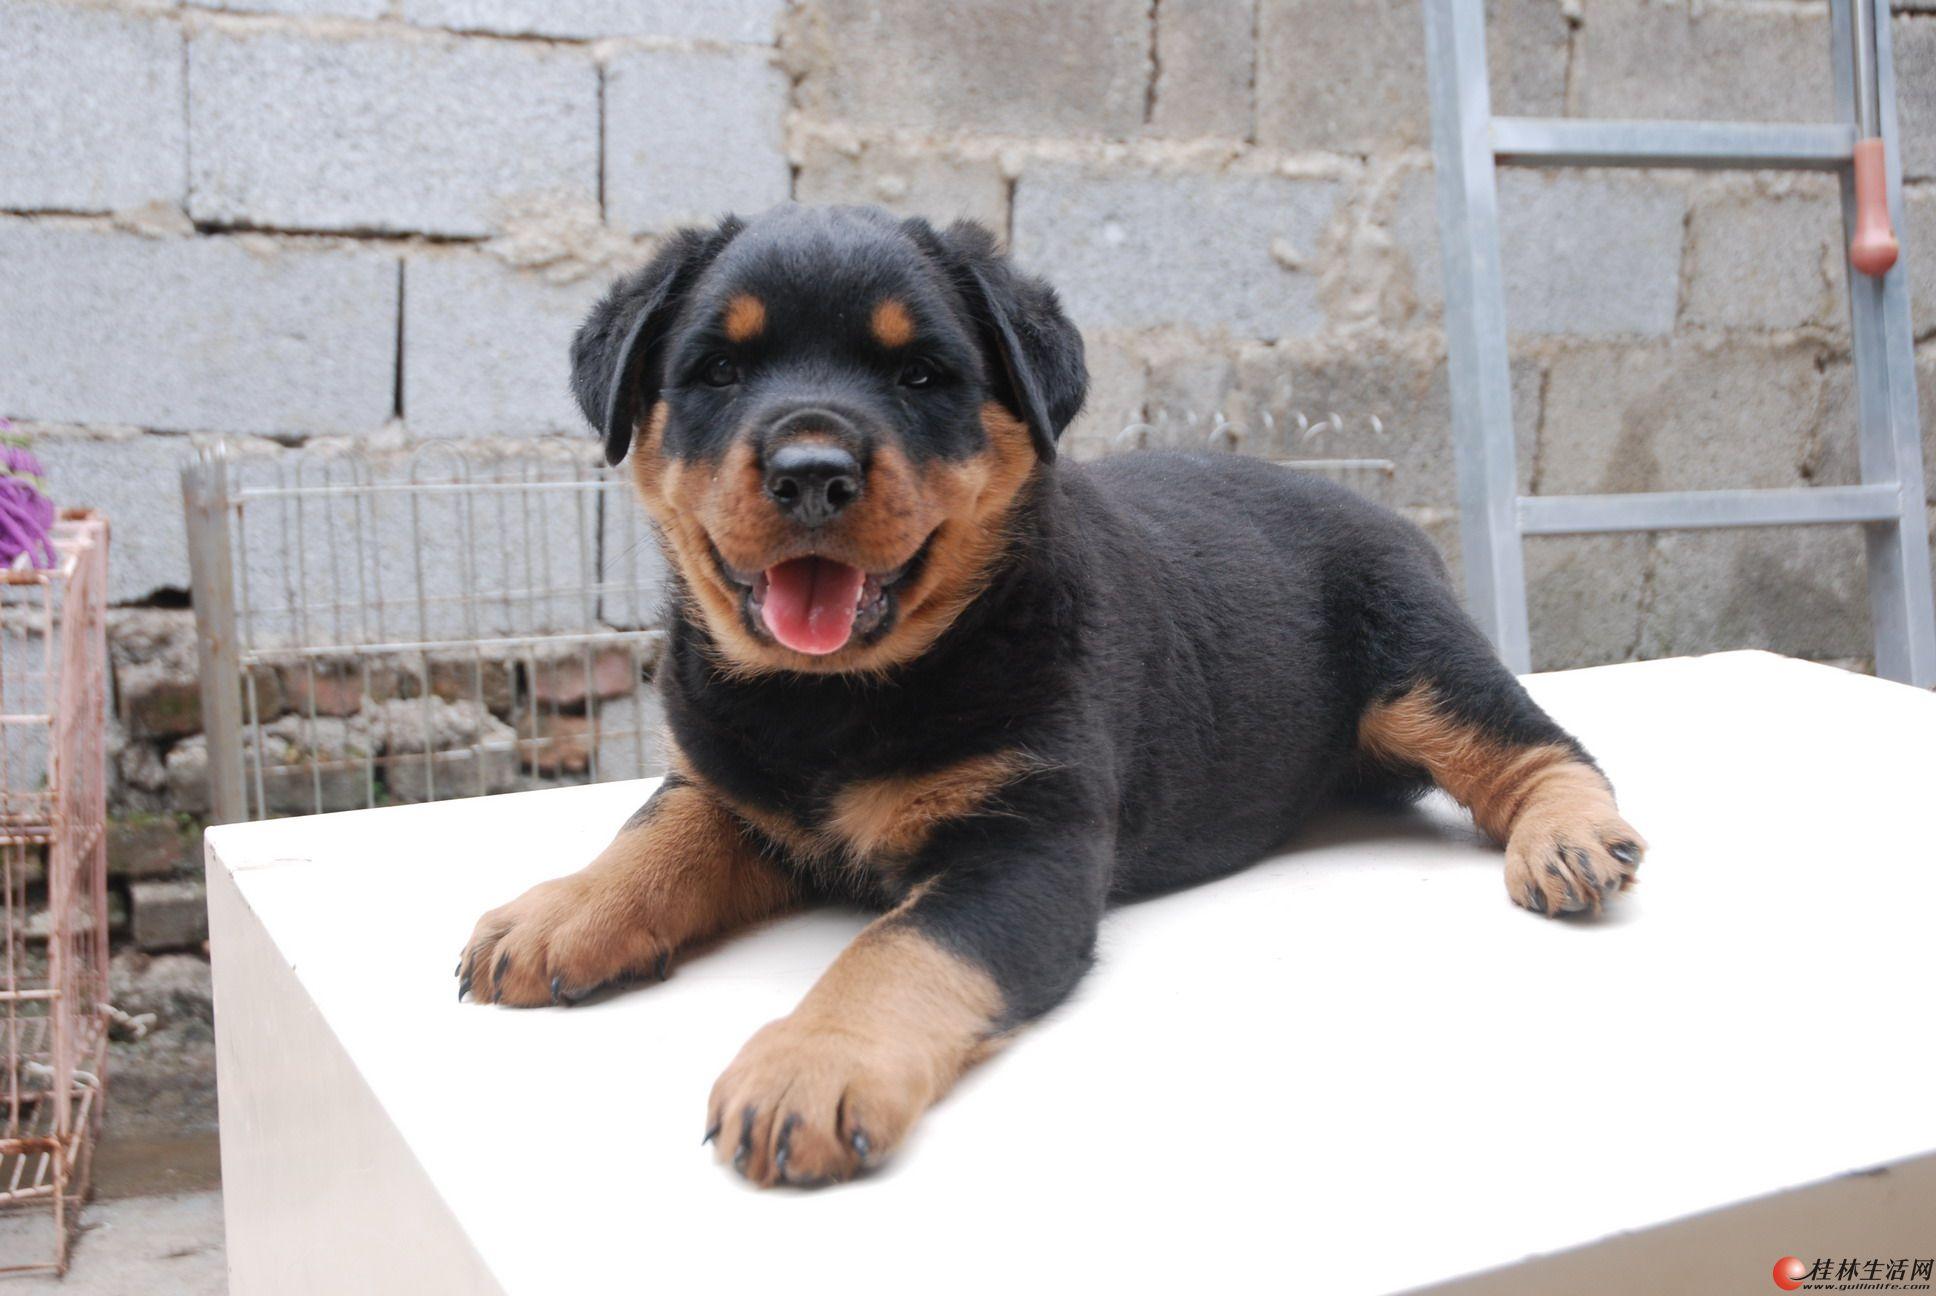 罗威纳种公长期对外配种  出售罗威纳幼犬